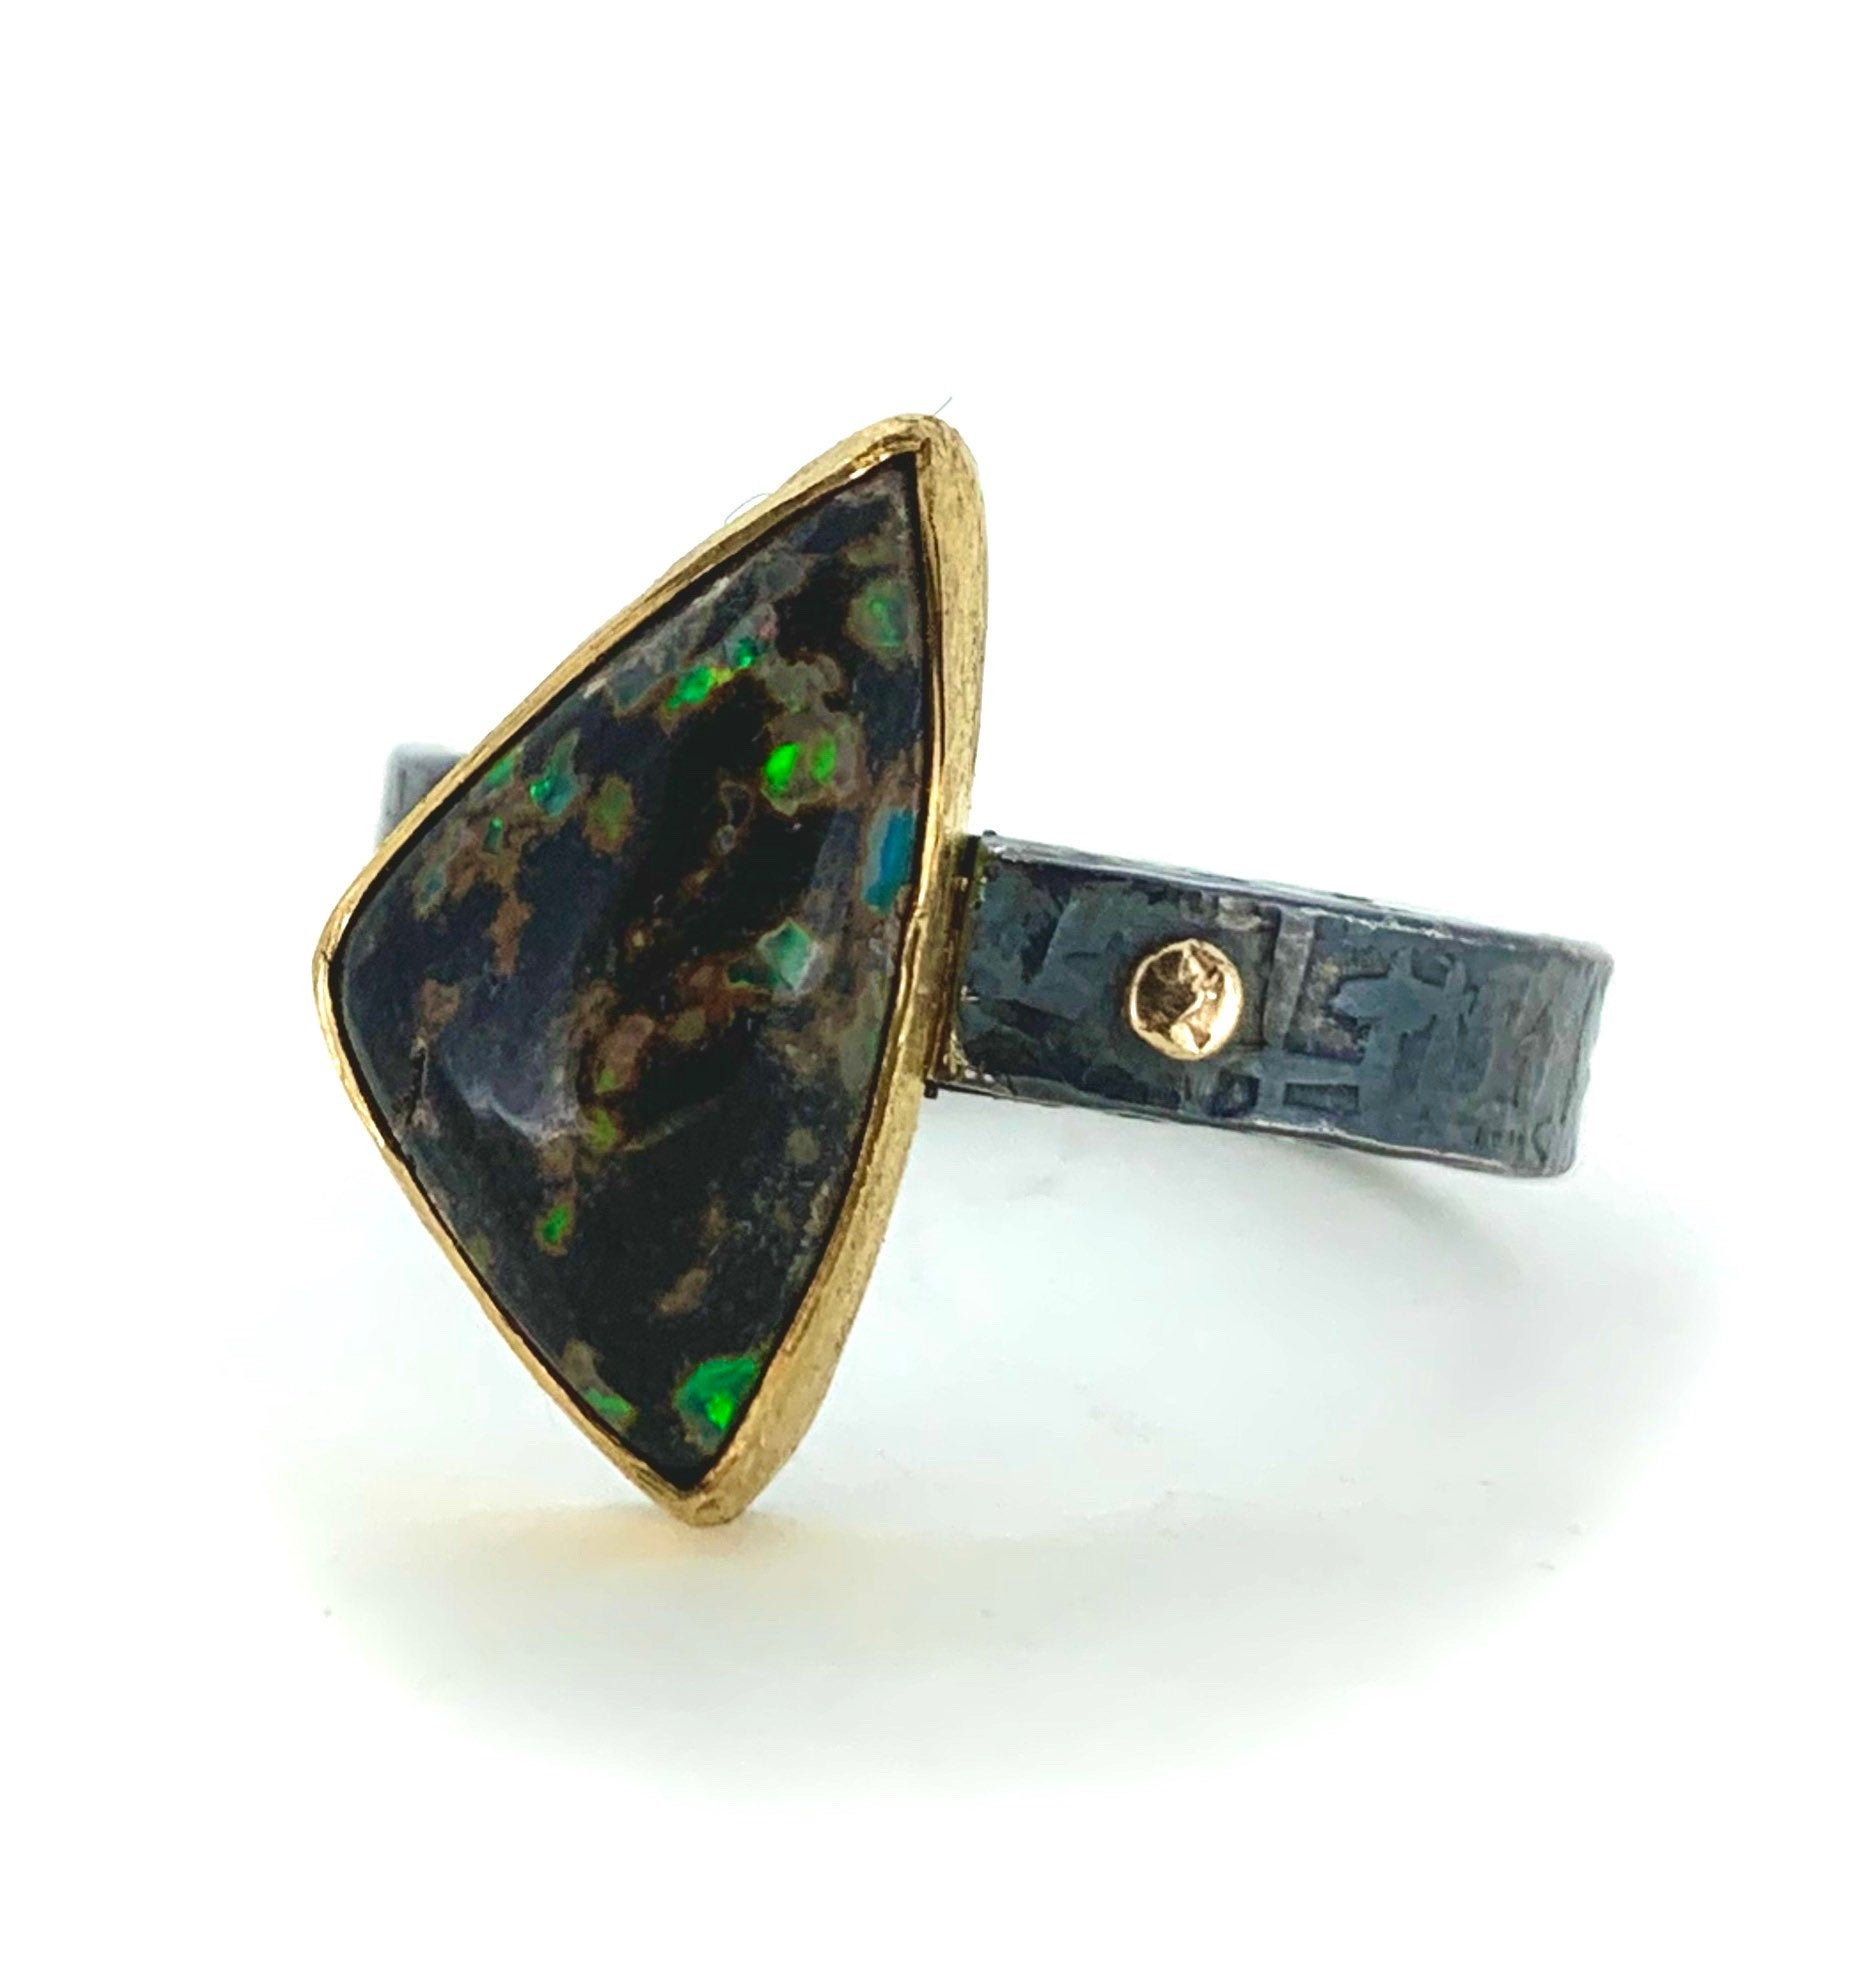 Leopard skin opal ring